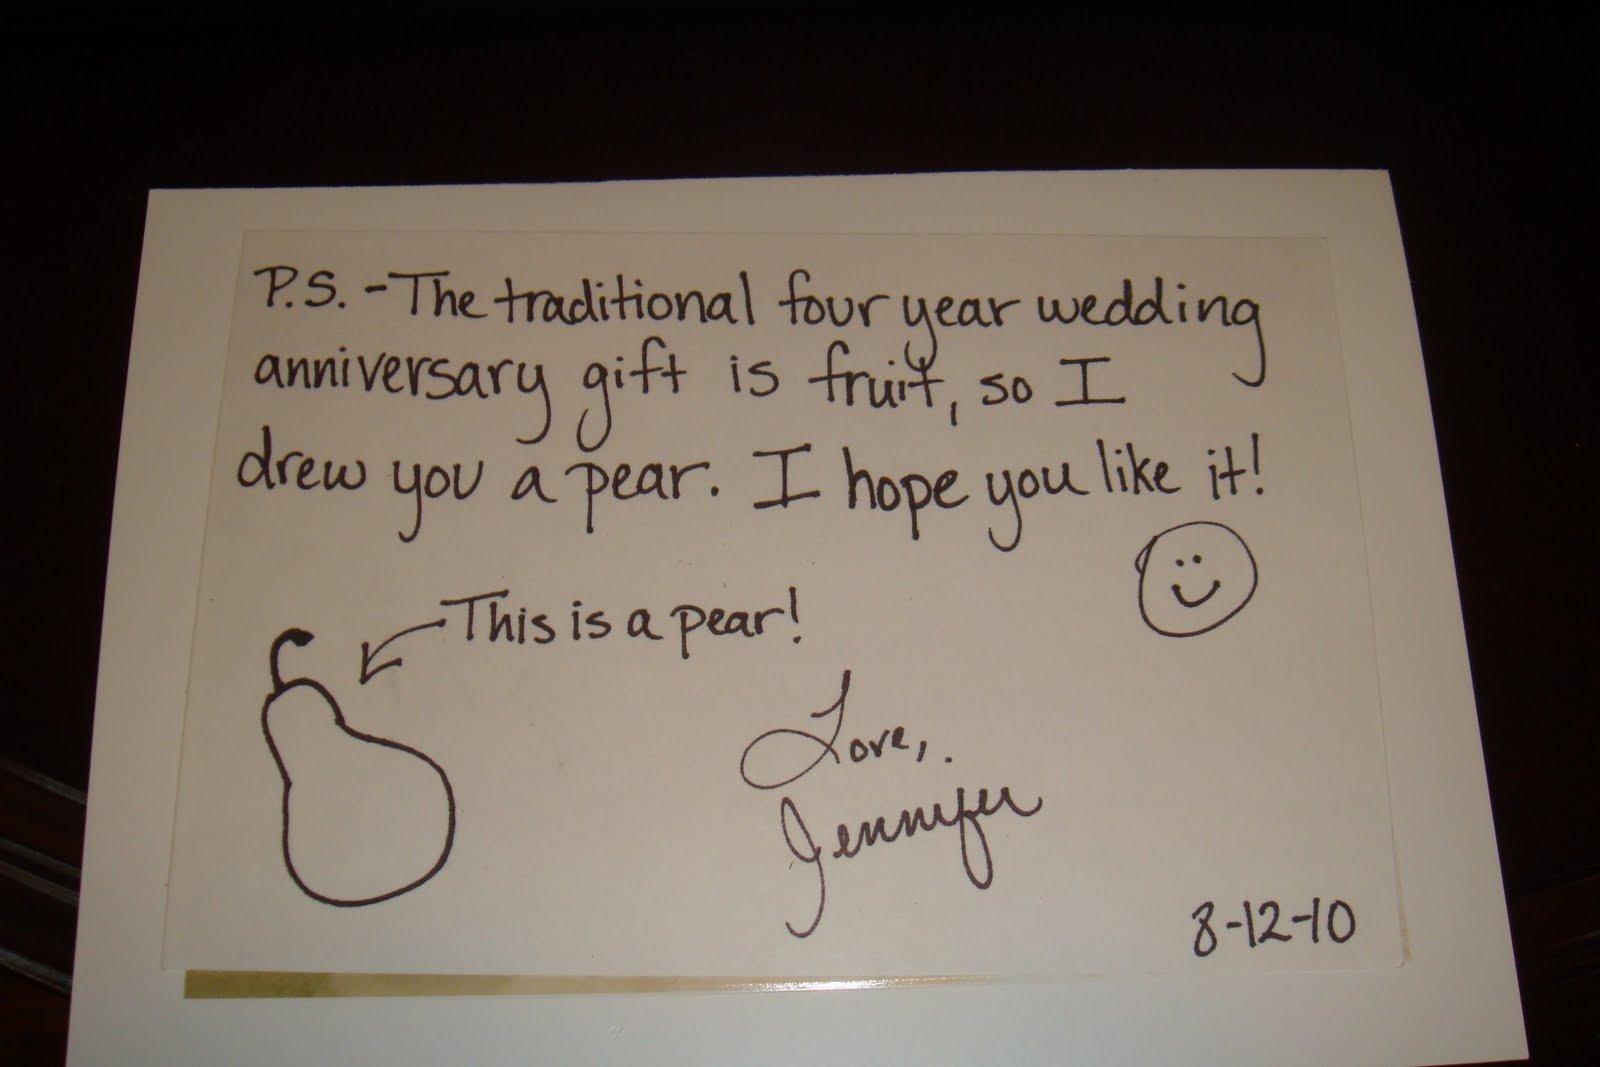 10 Best 9 Year Anniversary Gift Ideas wedding anniversary gifts wedding anniversary gifts for year 4 2020